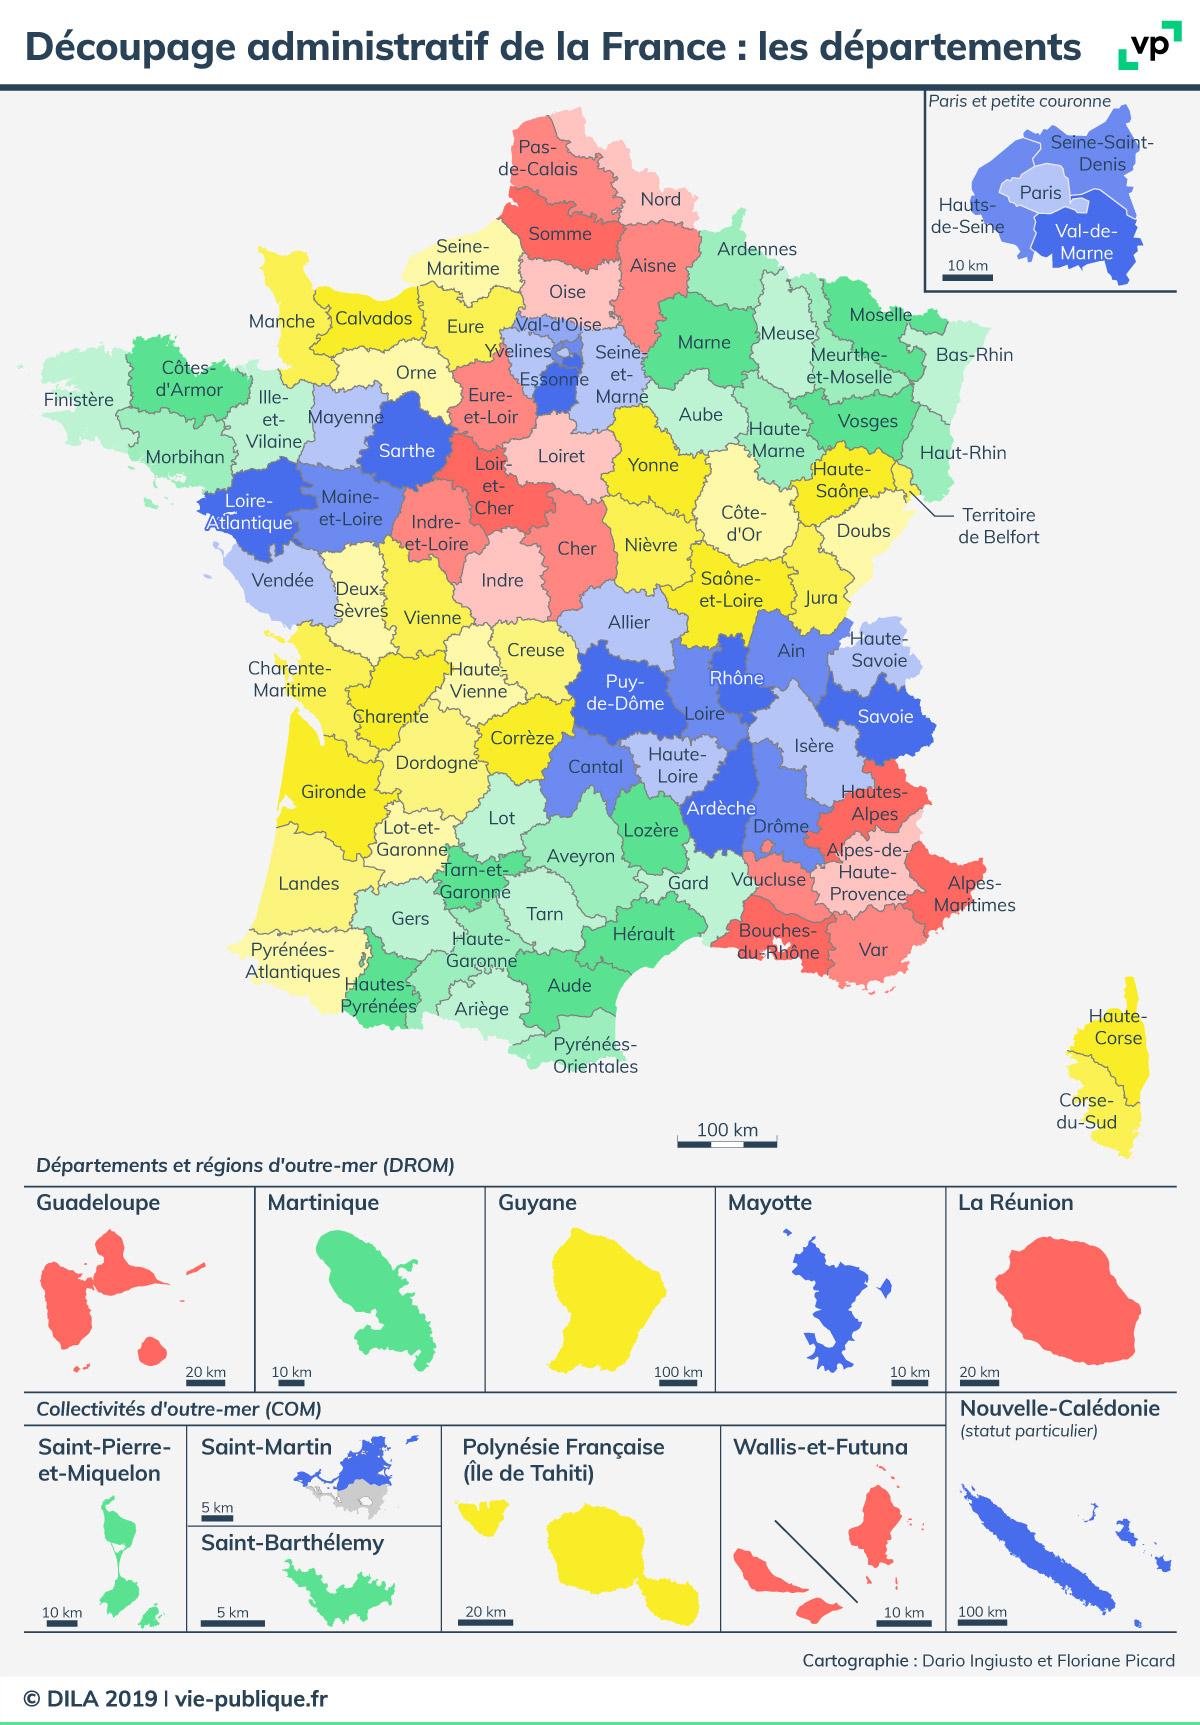 Découpage Administratif De La France : Les Départements dedans Carte De France Des Départements